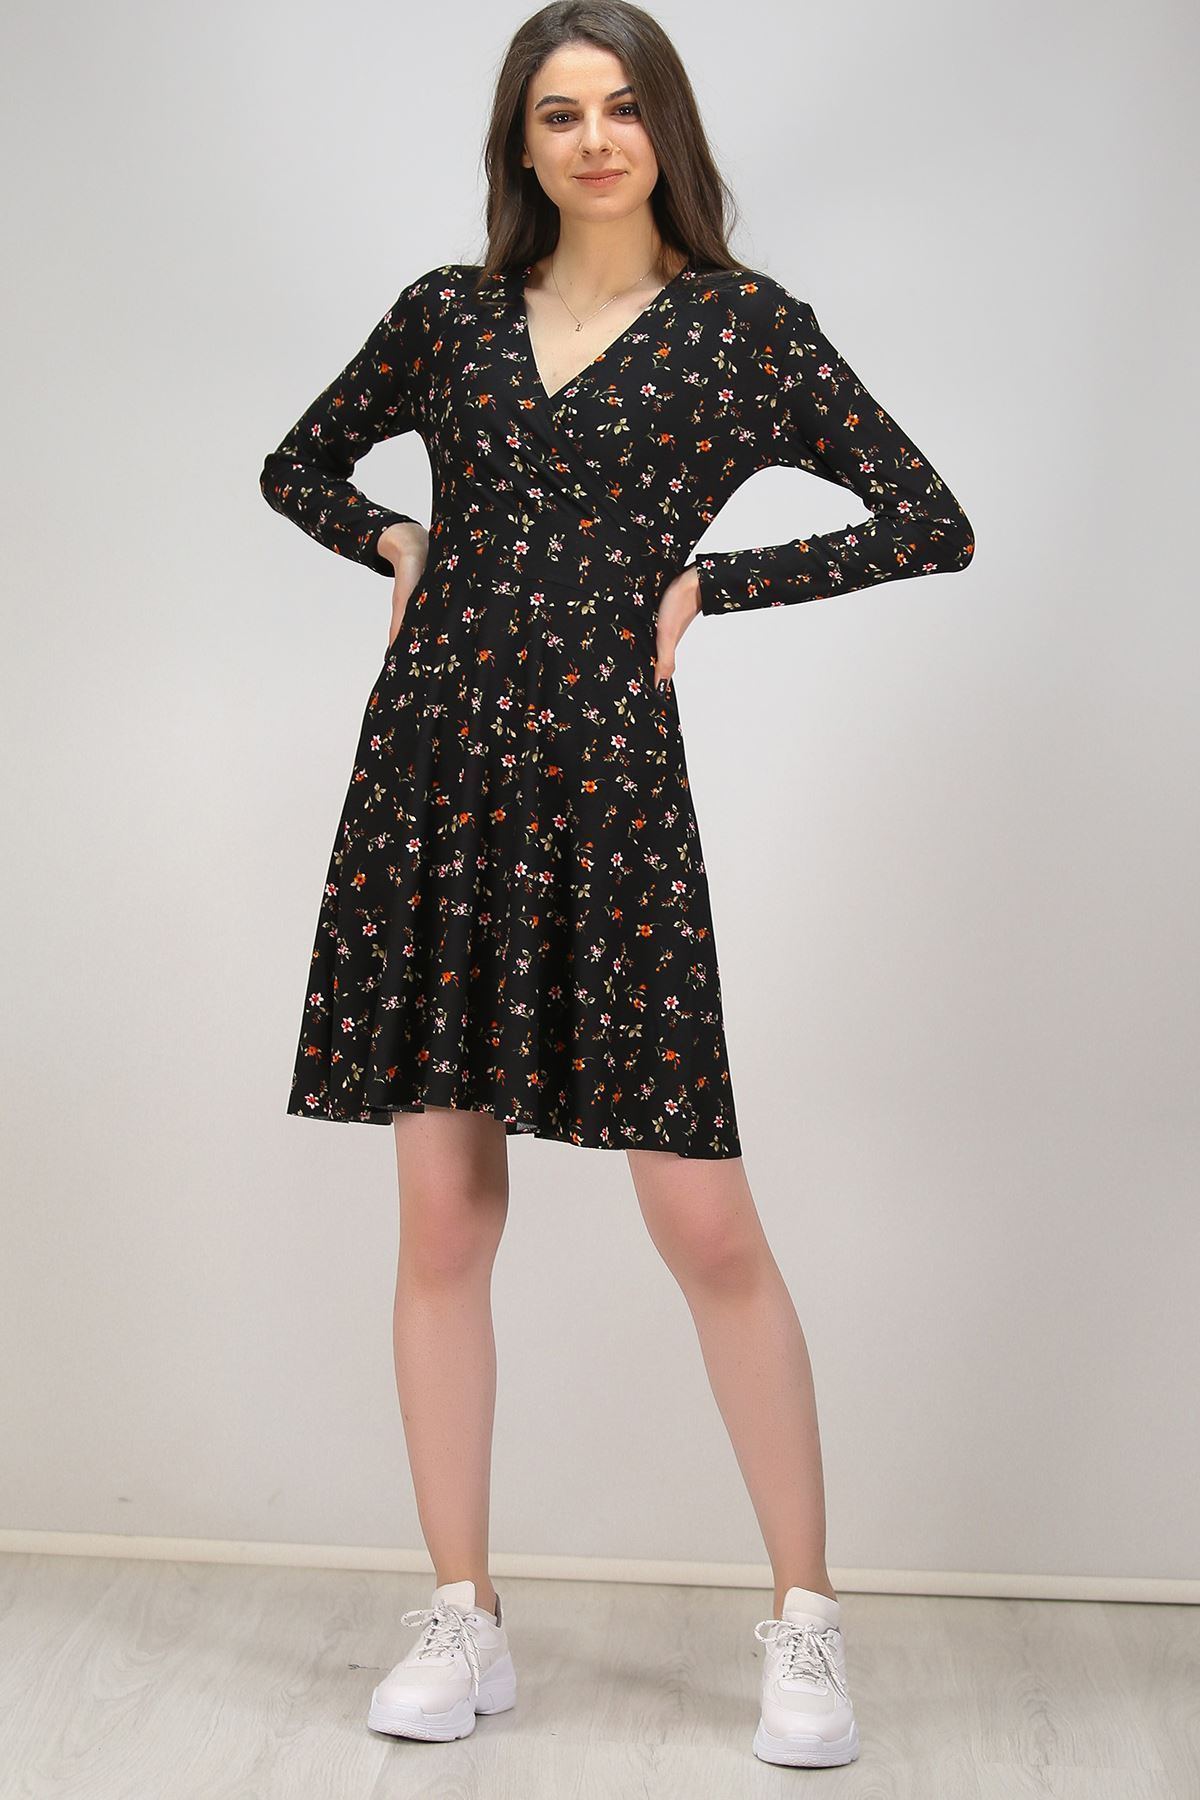 Örme Krep Elbise Siyahçiçekli - 4941.148.